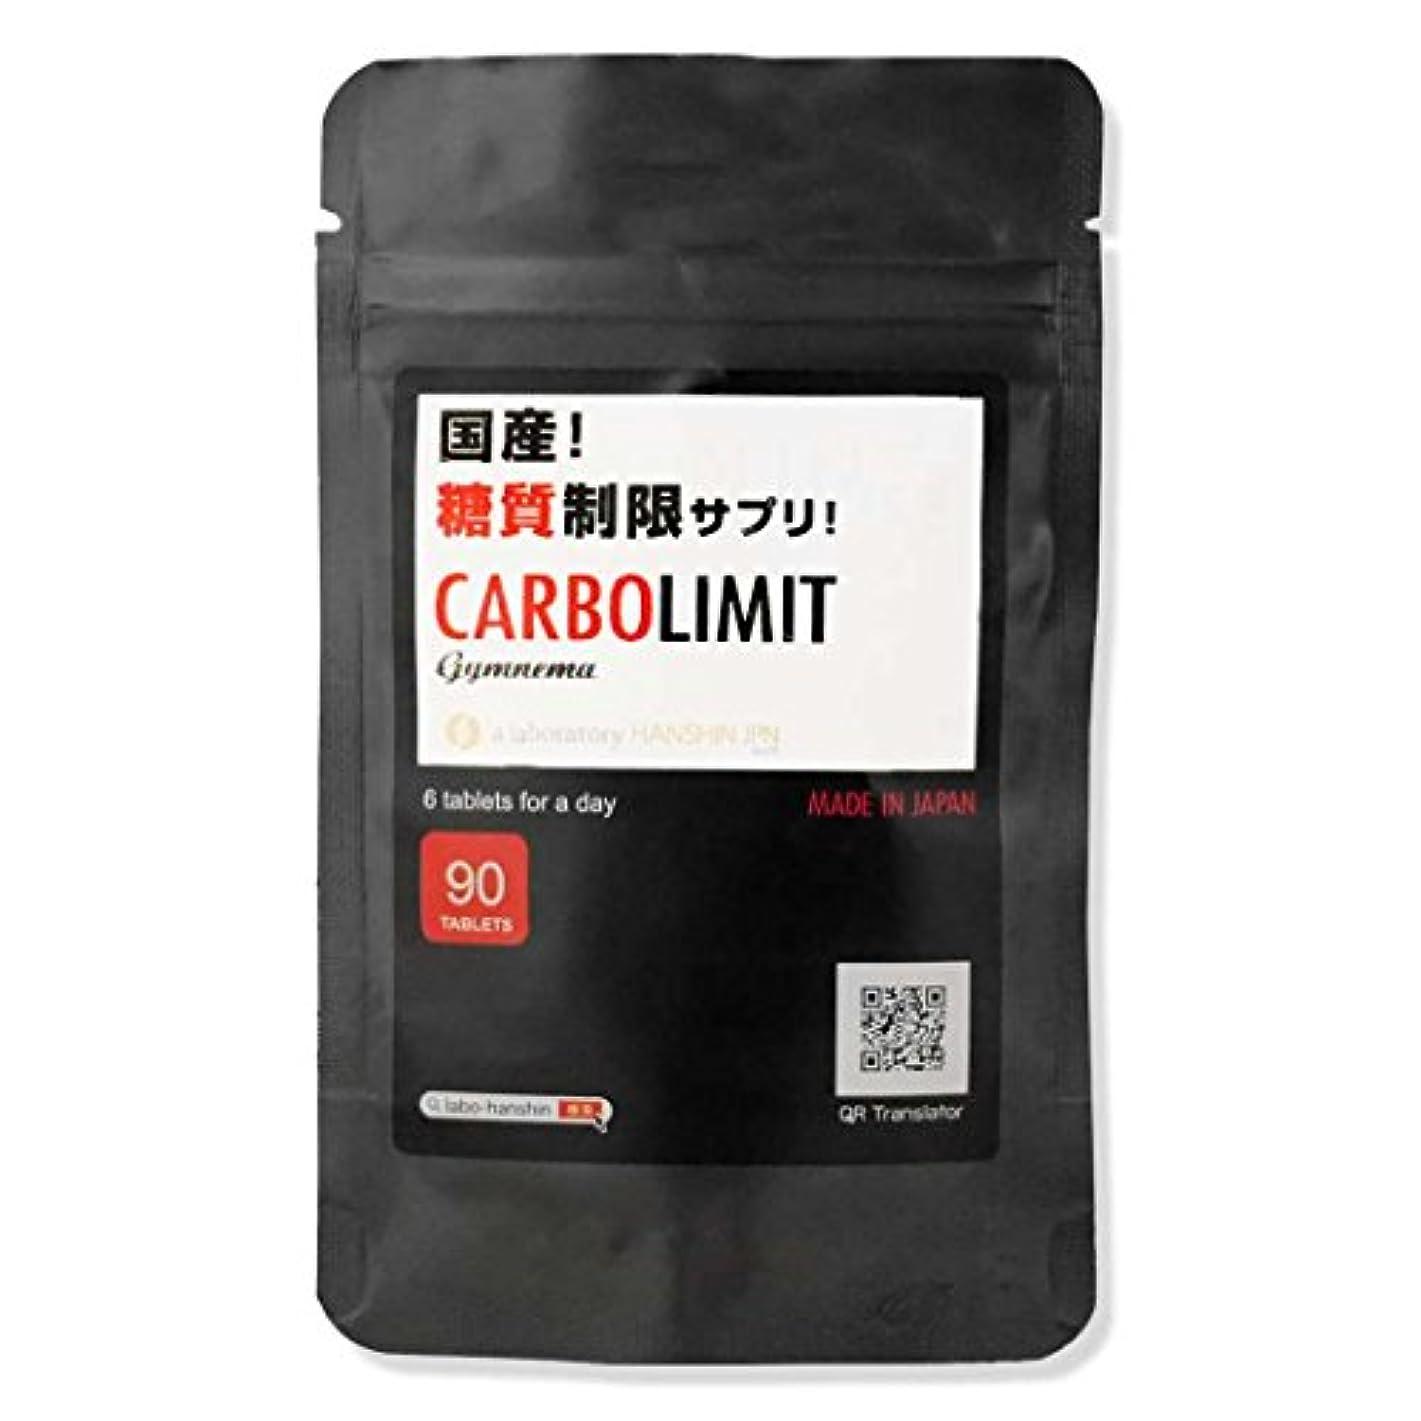 人質可愛い動脈糖質制限 ダイエット 断糖サプリ 高濃度 ギムネマ 国産 カーボリミット